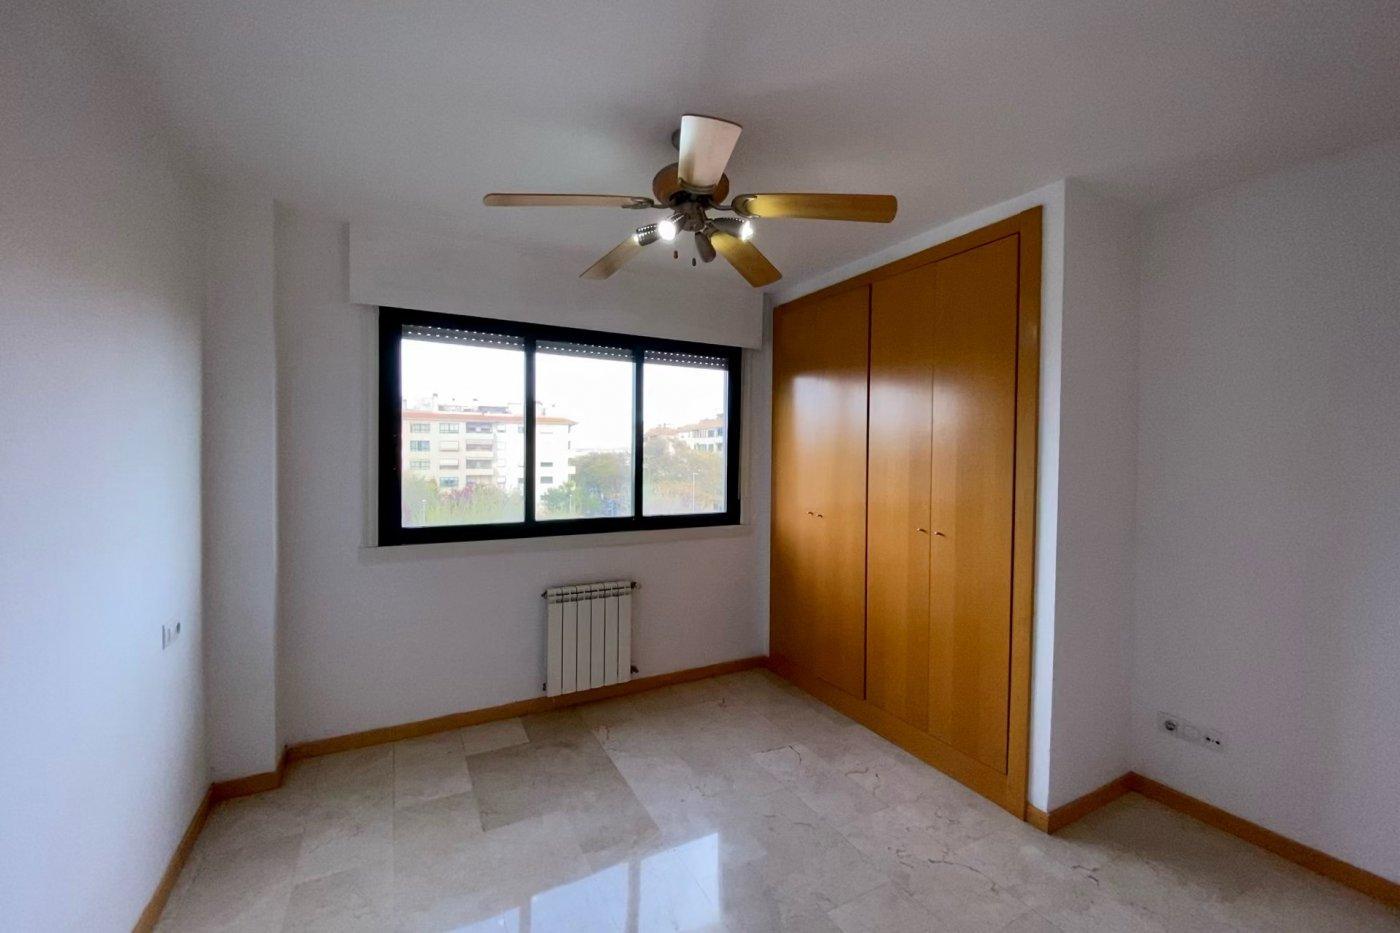 Piso sin muebles de 105 m² de superficie en zona residencial de son cotoner, palma de mall - imagenInmueble13